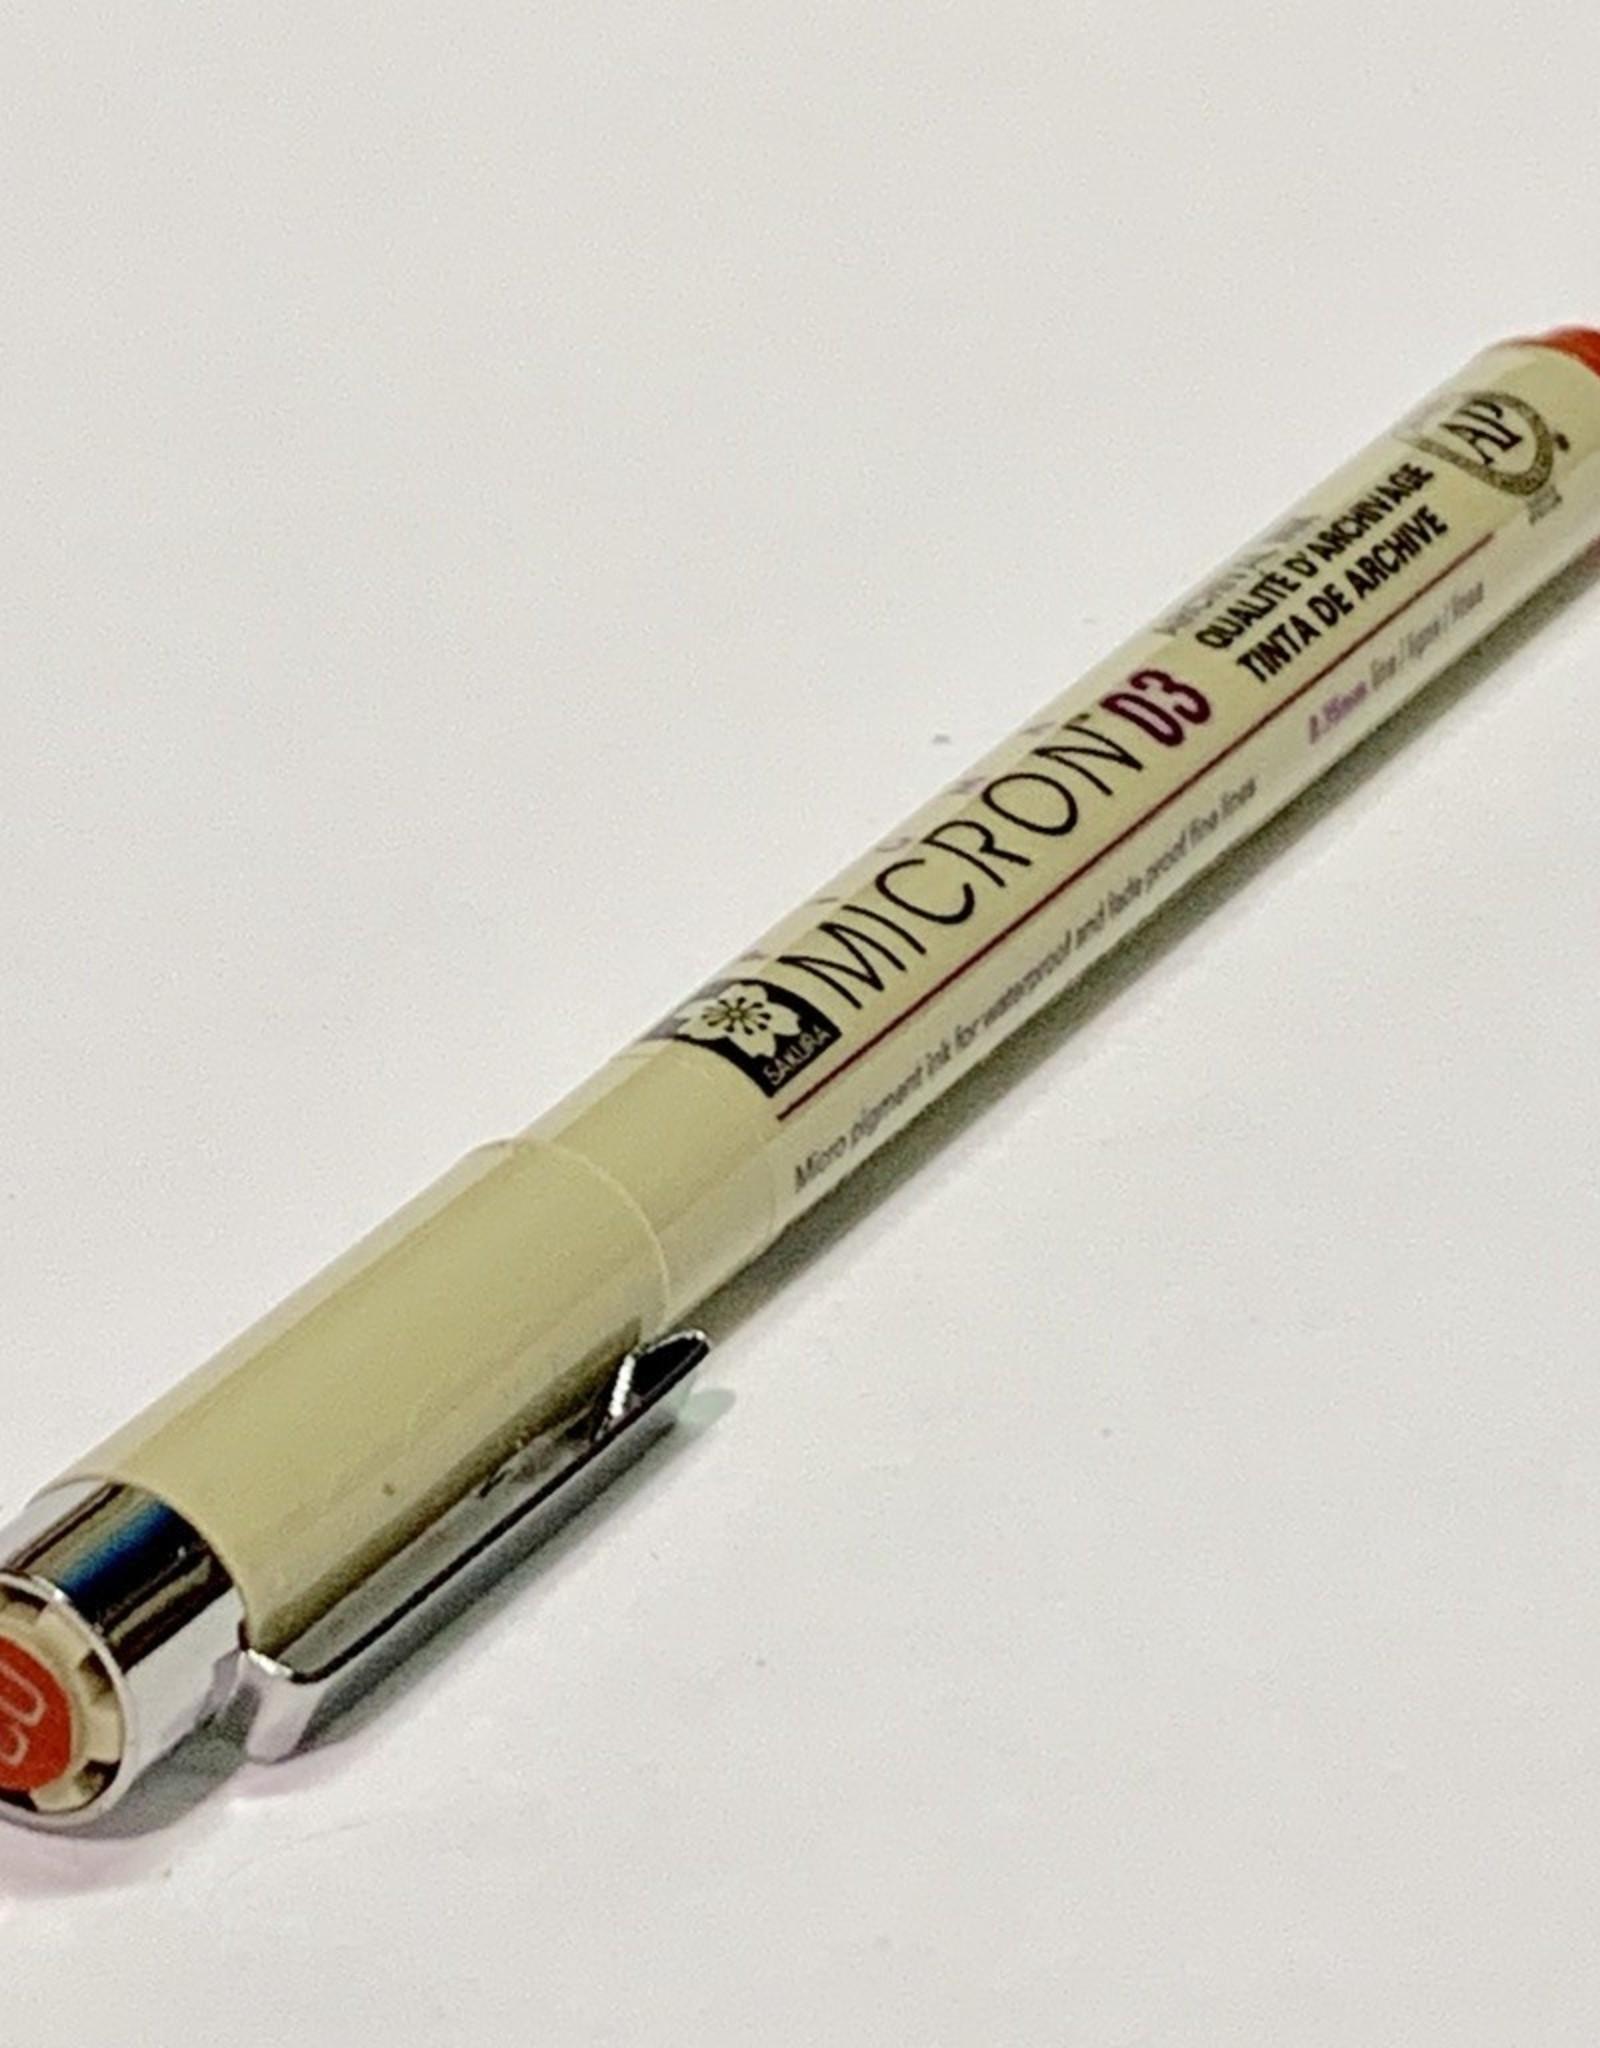 Sakura Micron Red Pen 03 .35mm